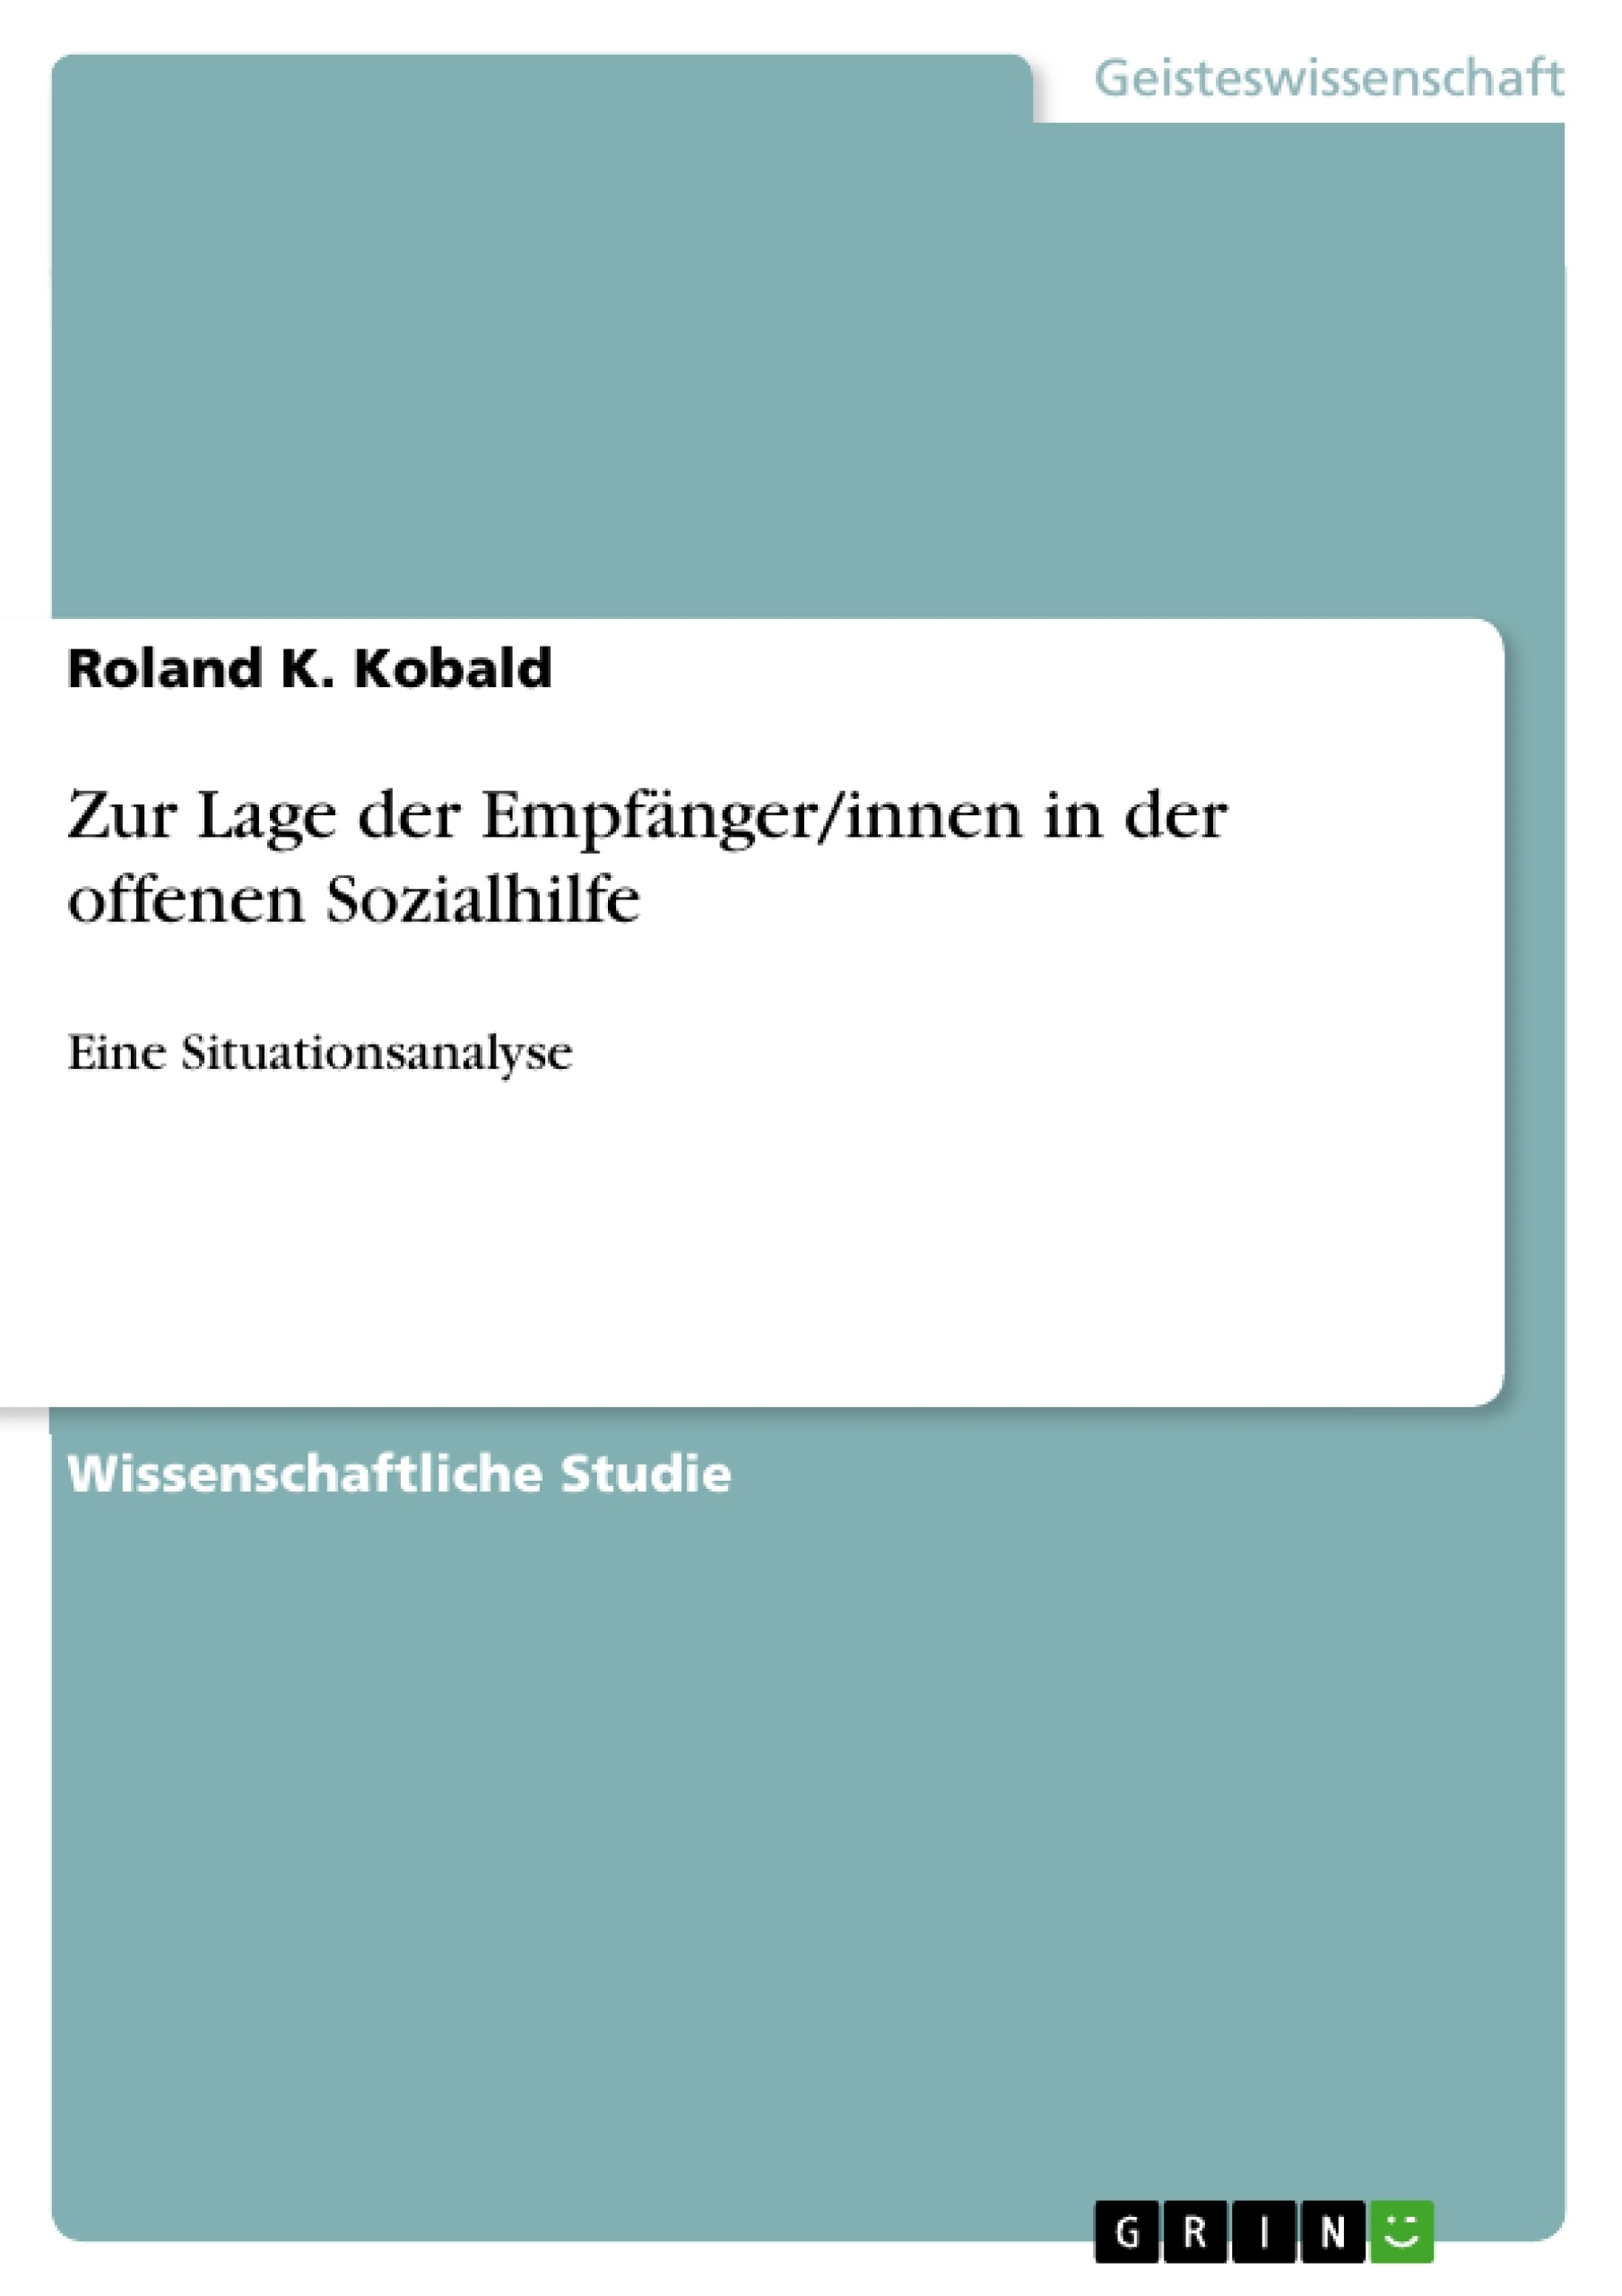 Titel: Zur Lage der Empfänger/innen in der offenen Sozialhilfe